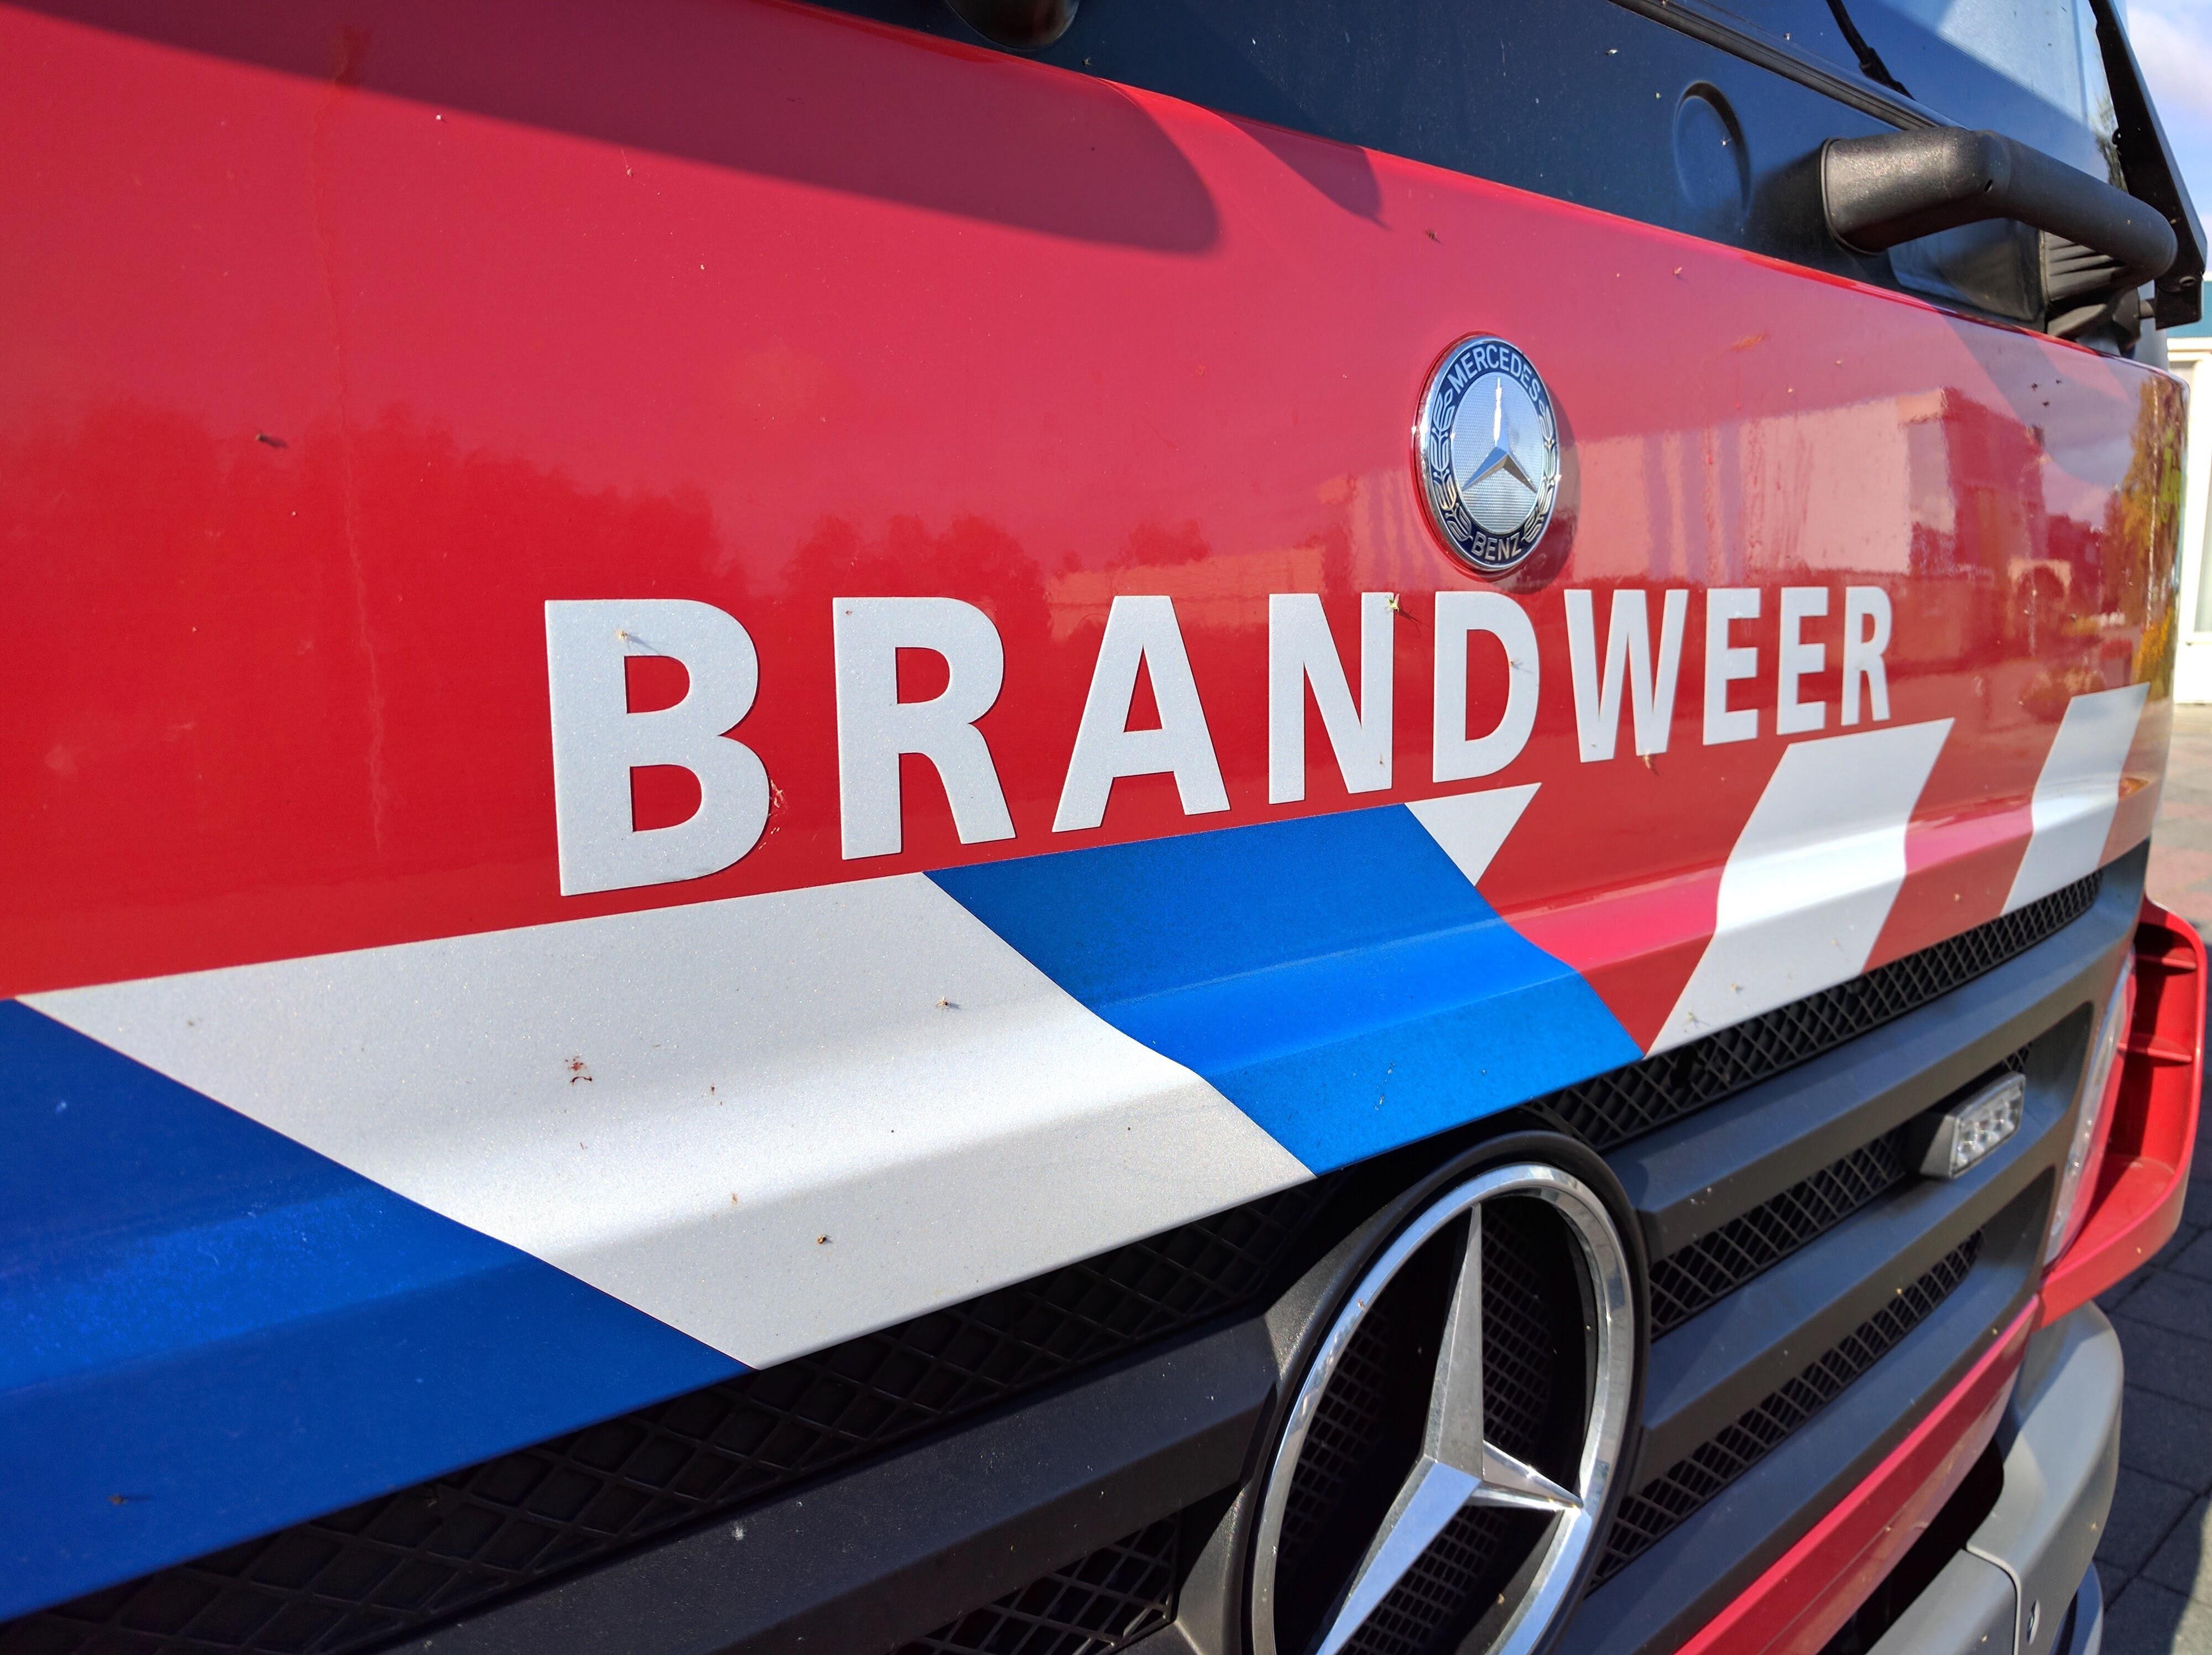 Drie brandweermedewerkers van Veiligheidsregio Zaanstreek-Waterland besmet met coronavirus